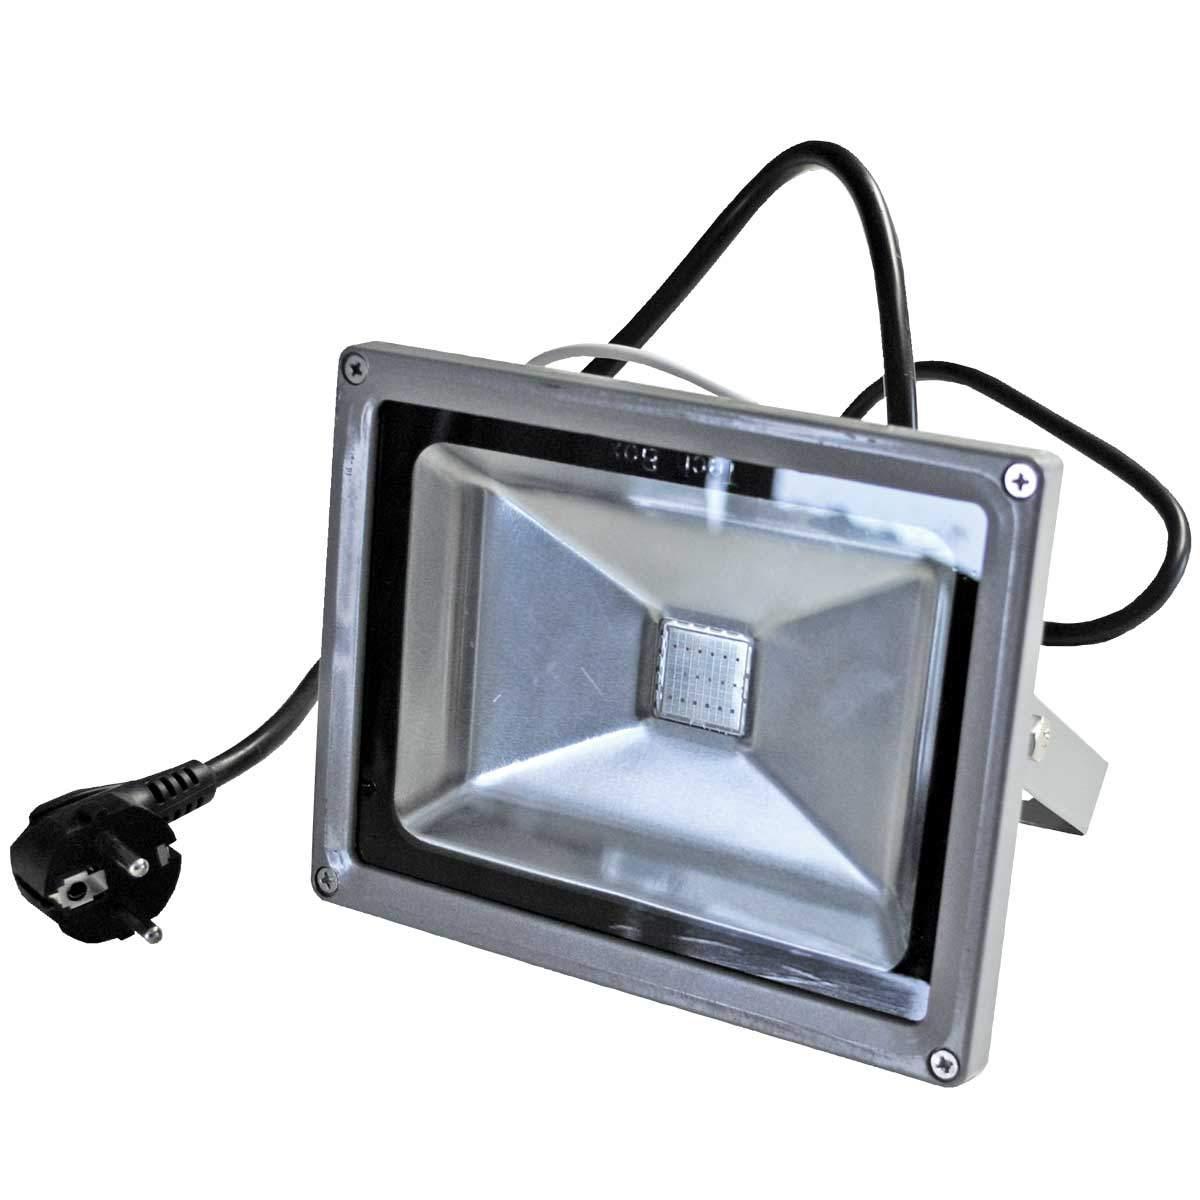 Zubehoer Beleuchtung 1200px 72dpi q30